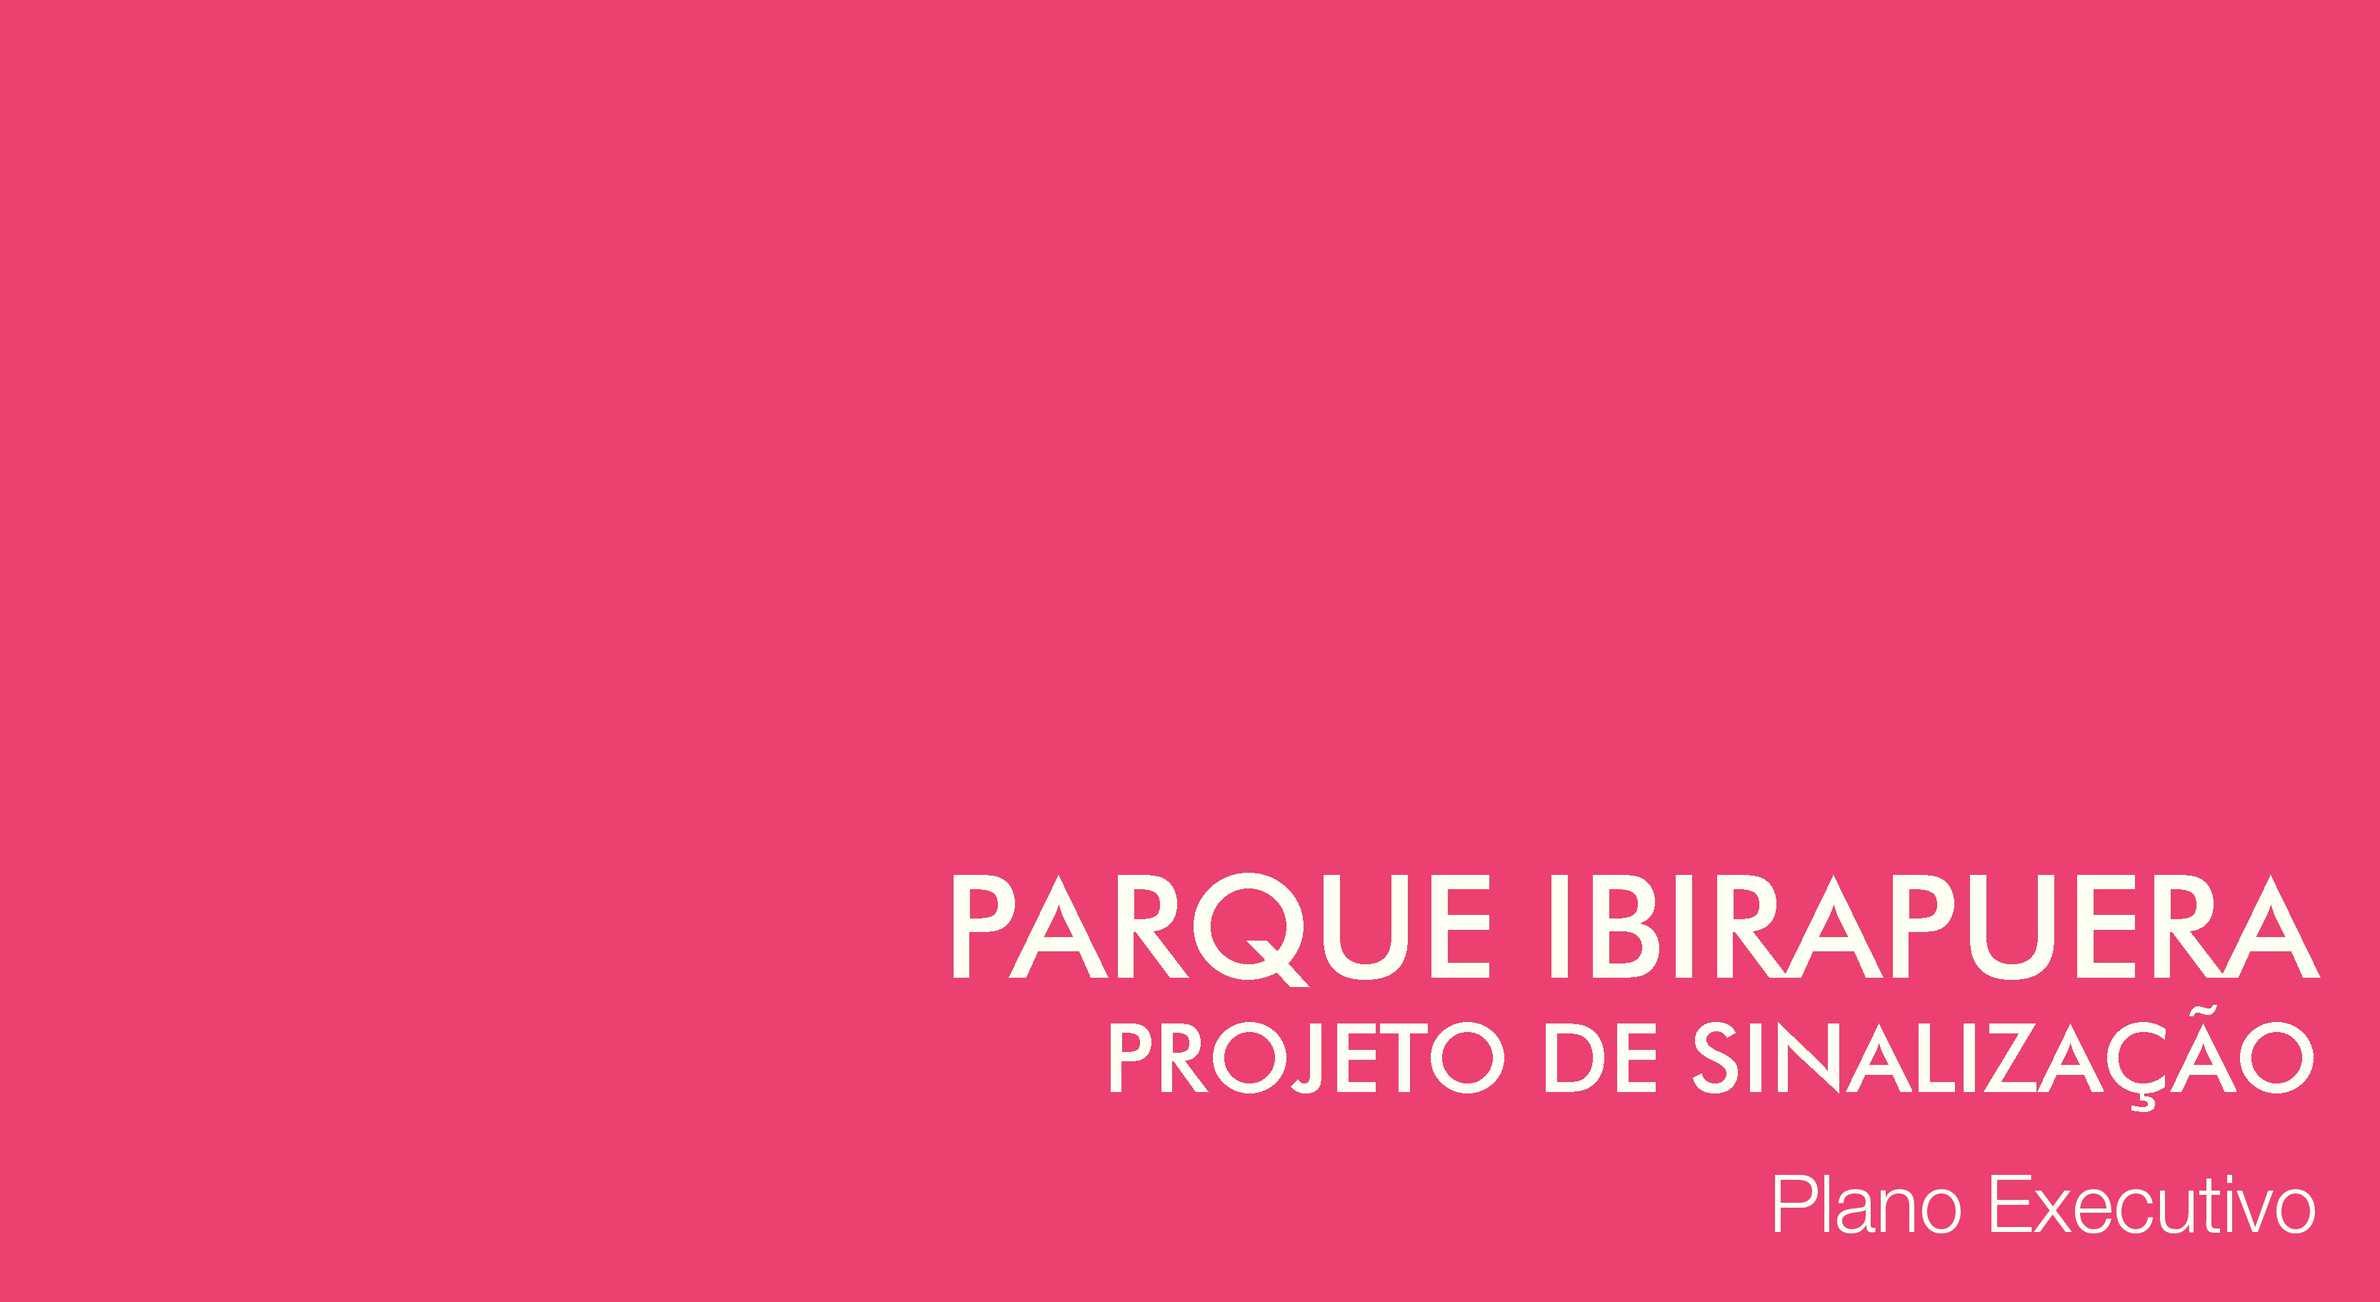 Projeto de Sinalização - Parque Ibirapuera